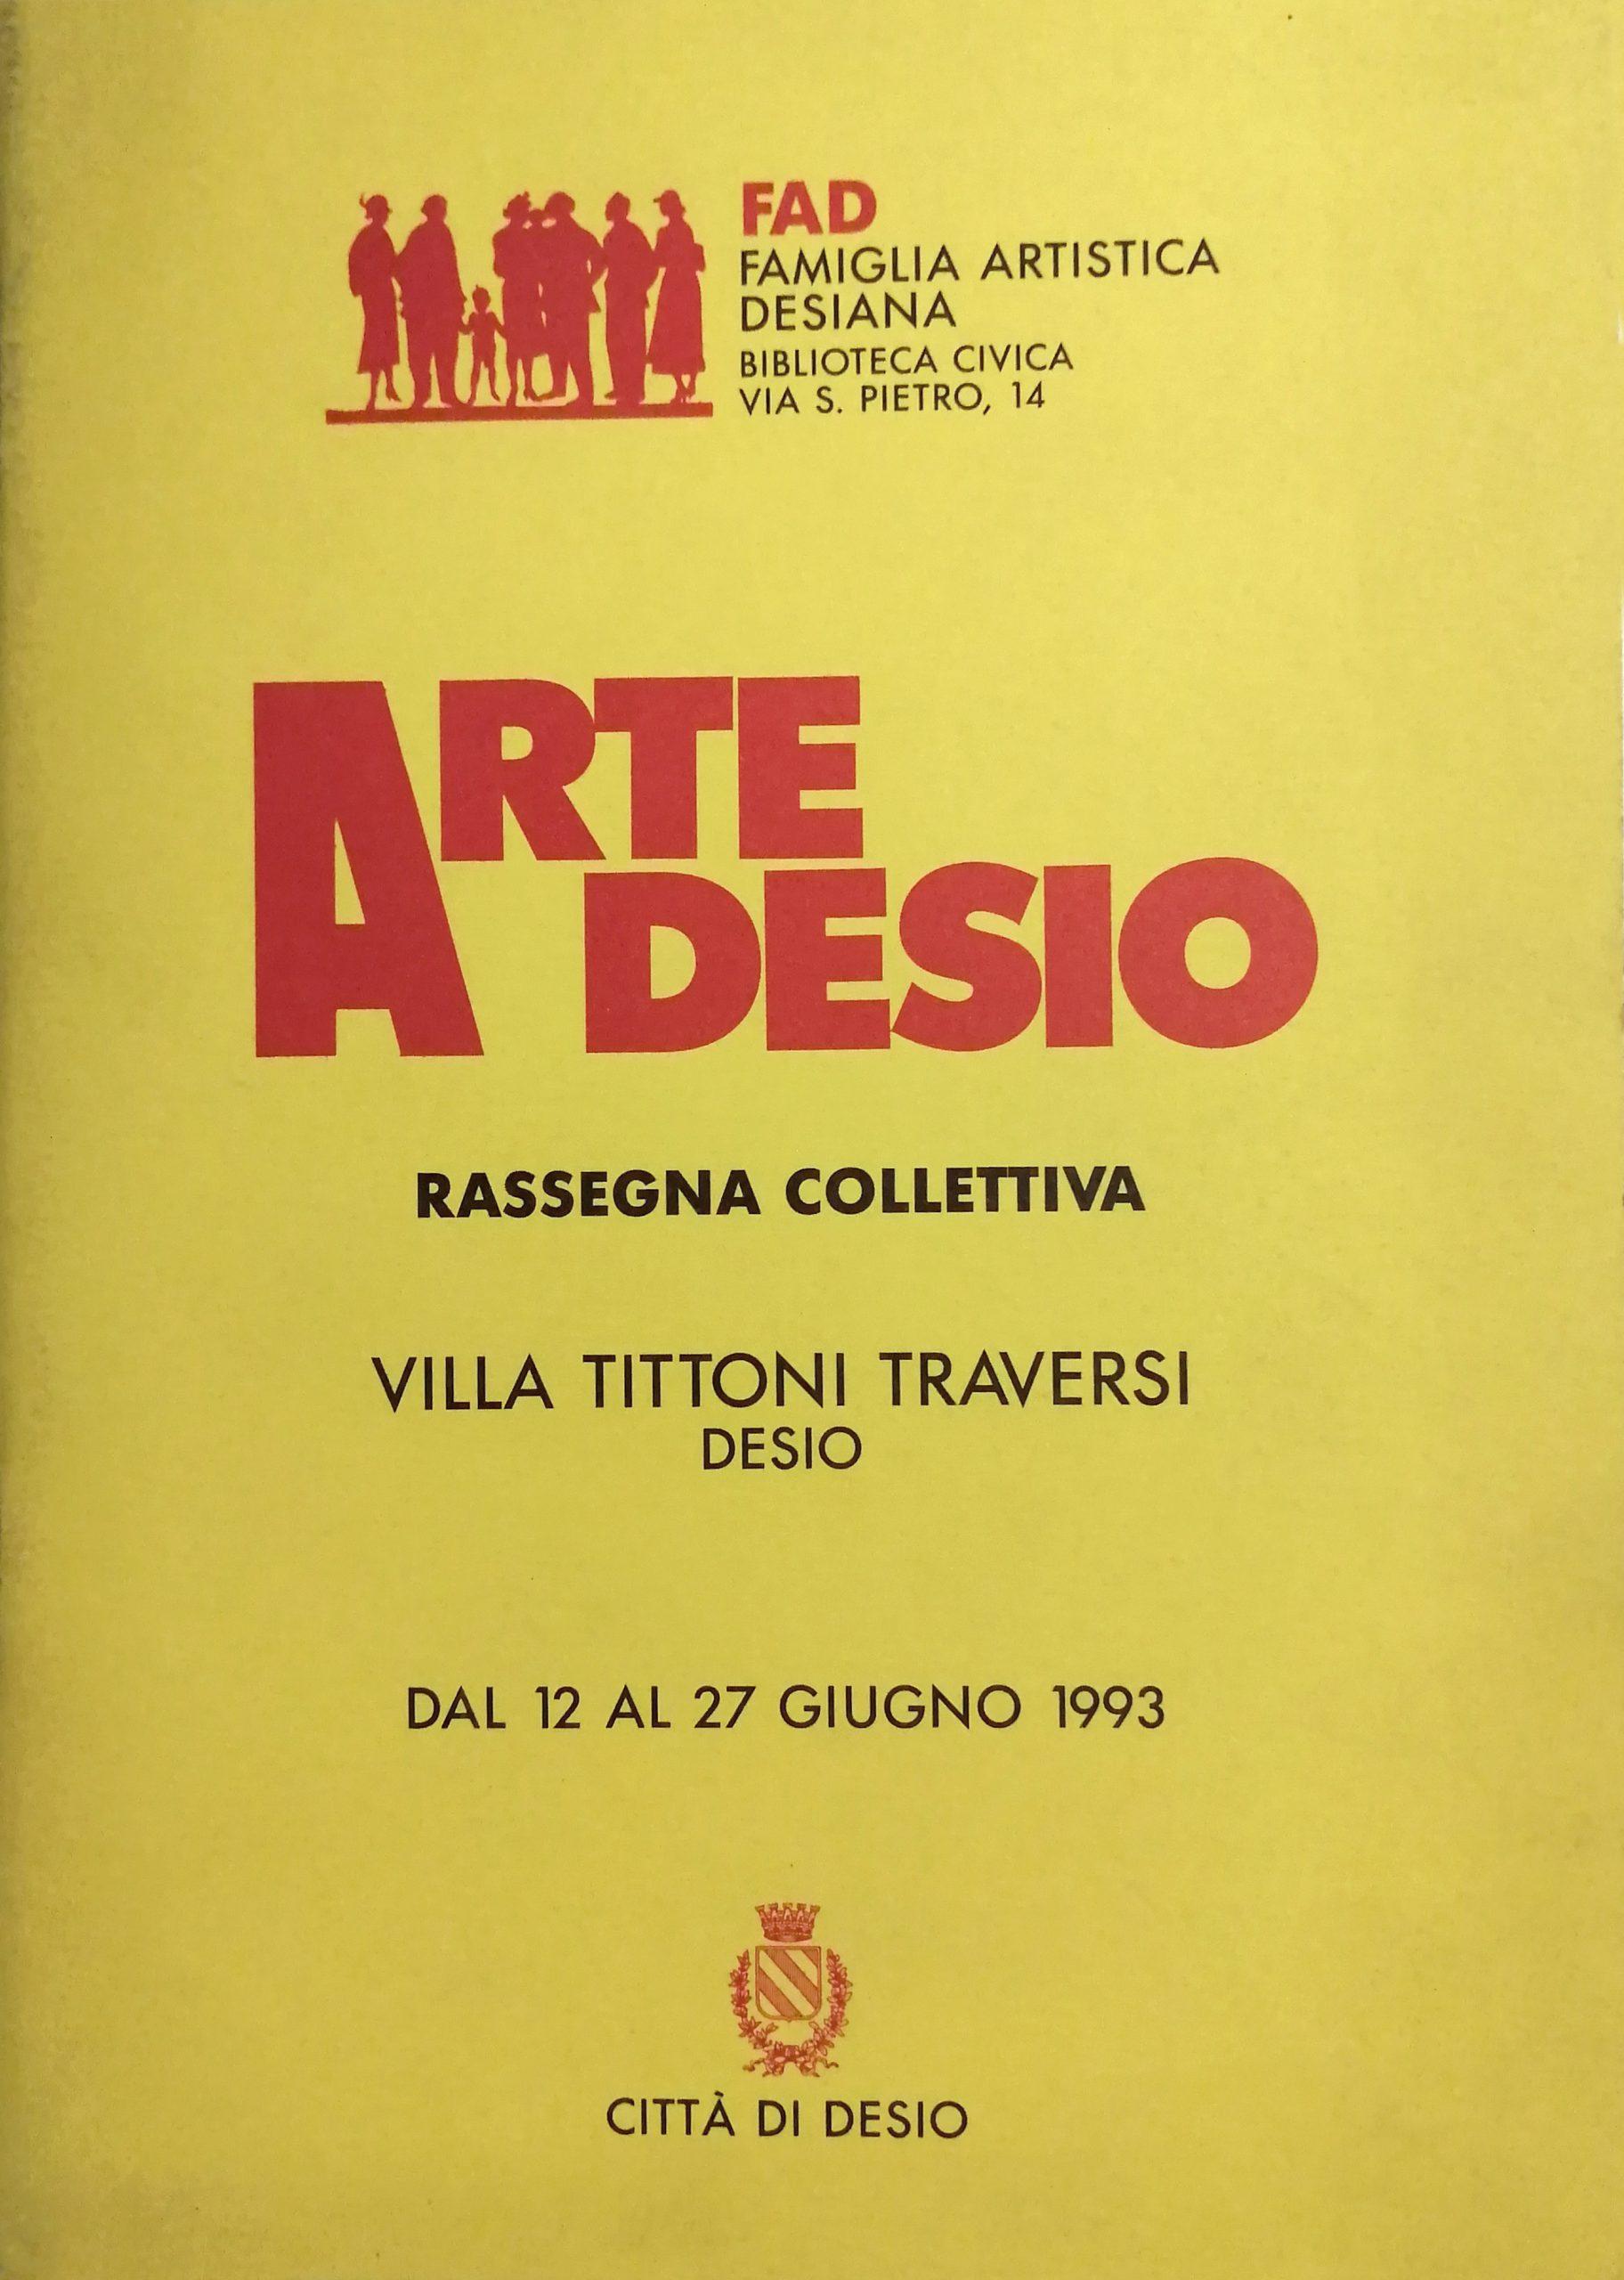 1993 Arte a Desio Villa Tittoni Traversi Desio scaled - Bibliography/ Catalogues